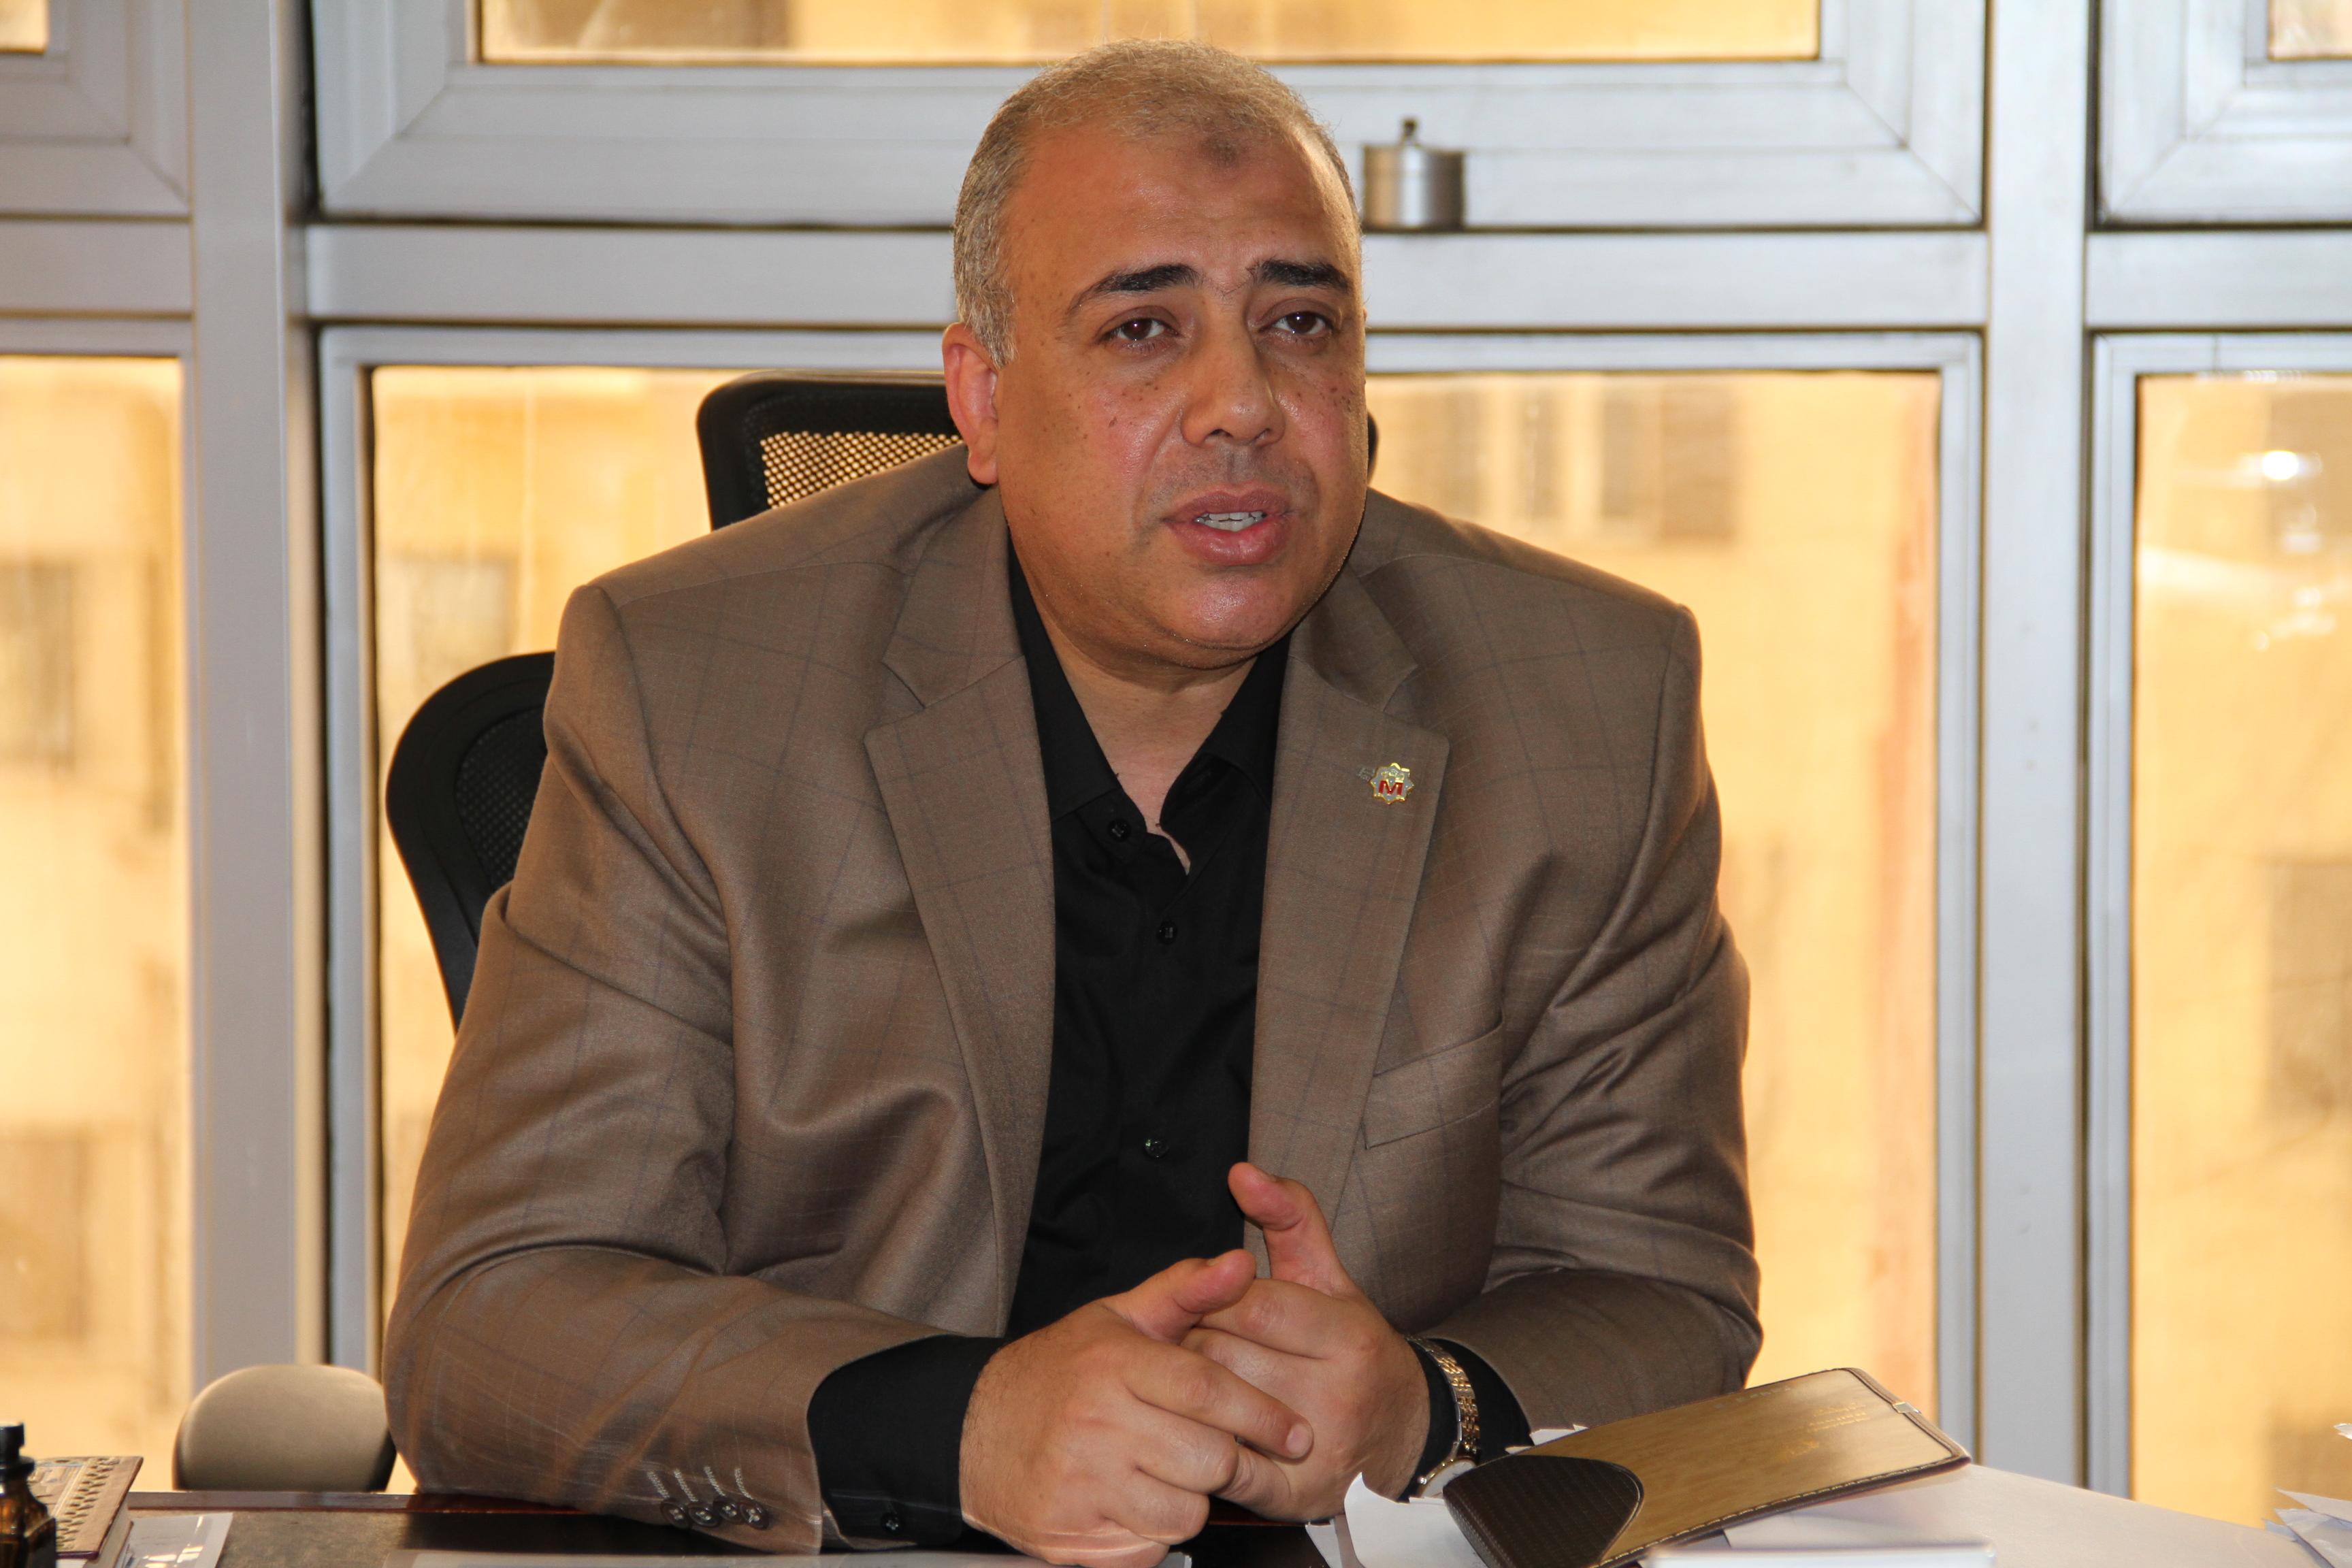 رئيس الشركة المصرية لإدارة وتشغيل مترو الانفاق